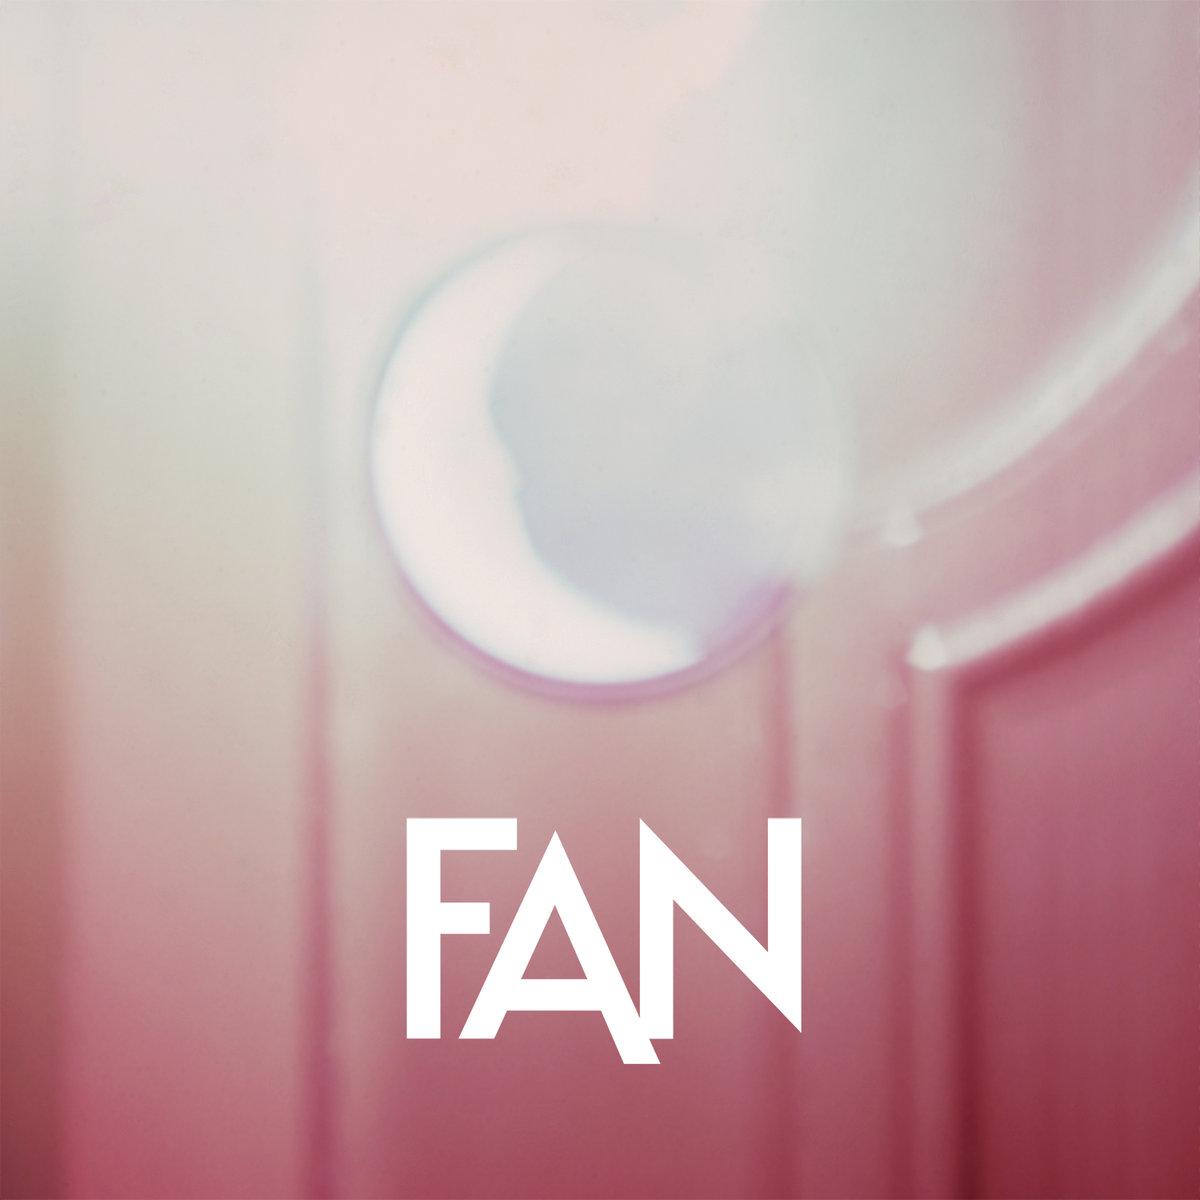 FAN - Fire / Disappear